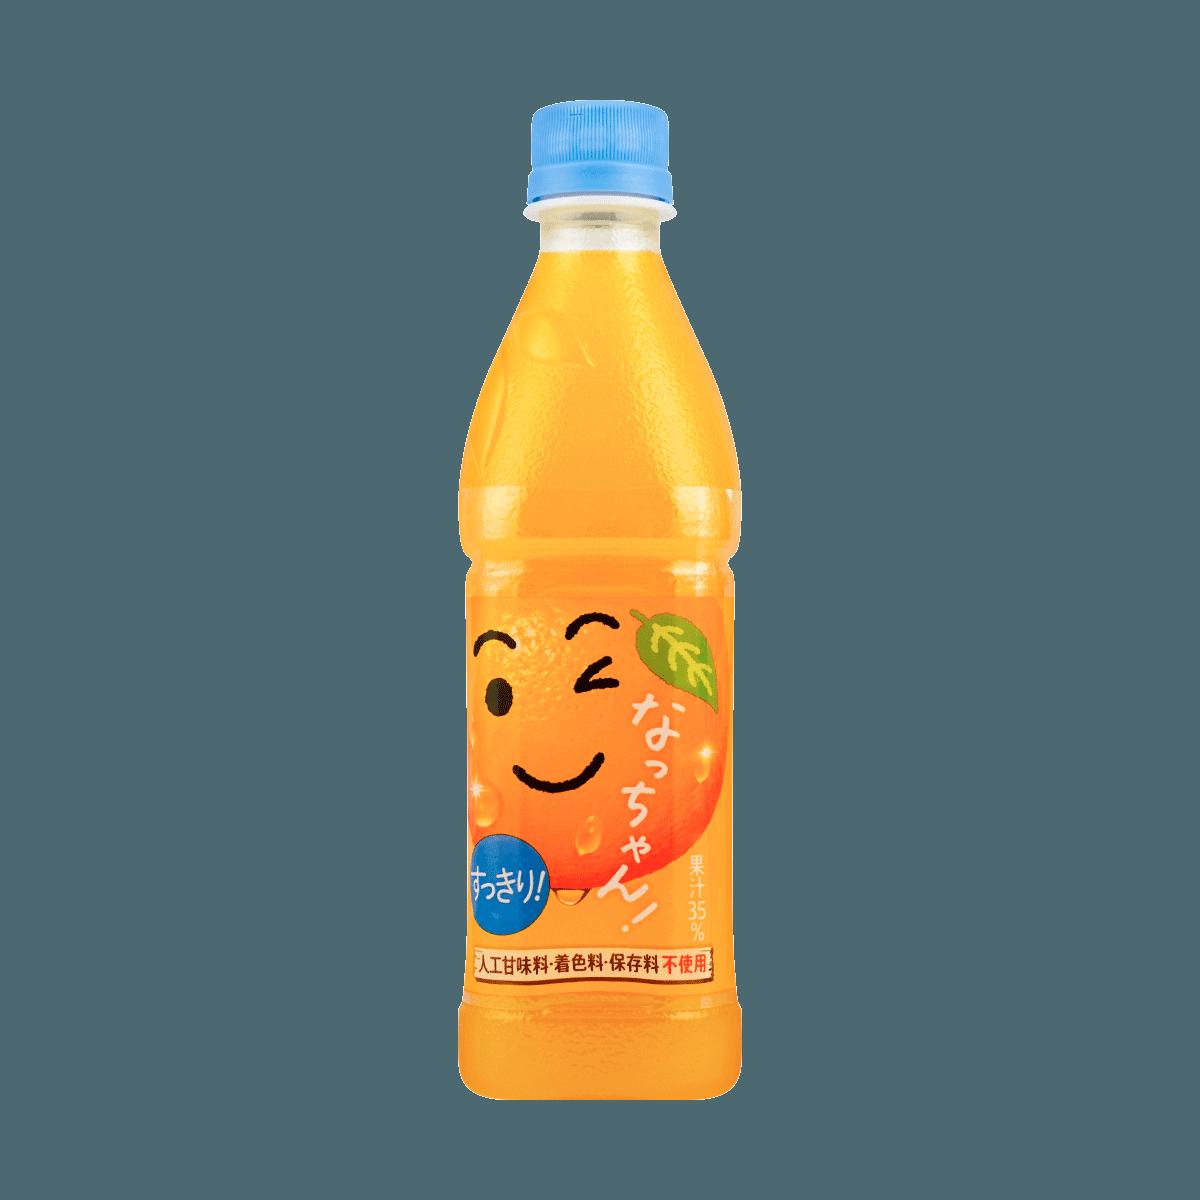 日本SUNTORY三得利 无添加人工甜味剂·着色剂 香橙果汁 425ml 怎么样 - 亚米网